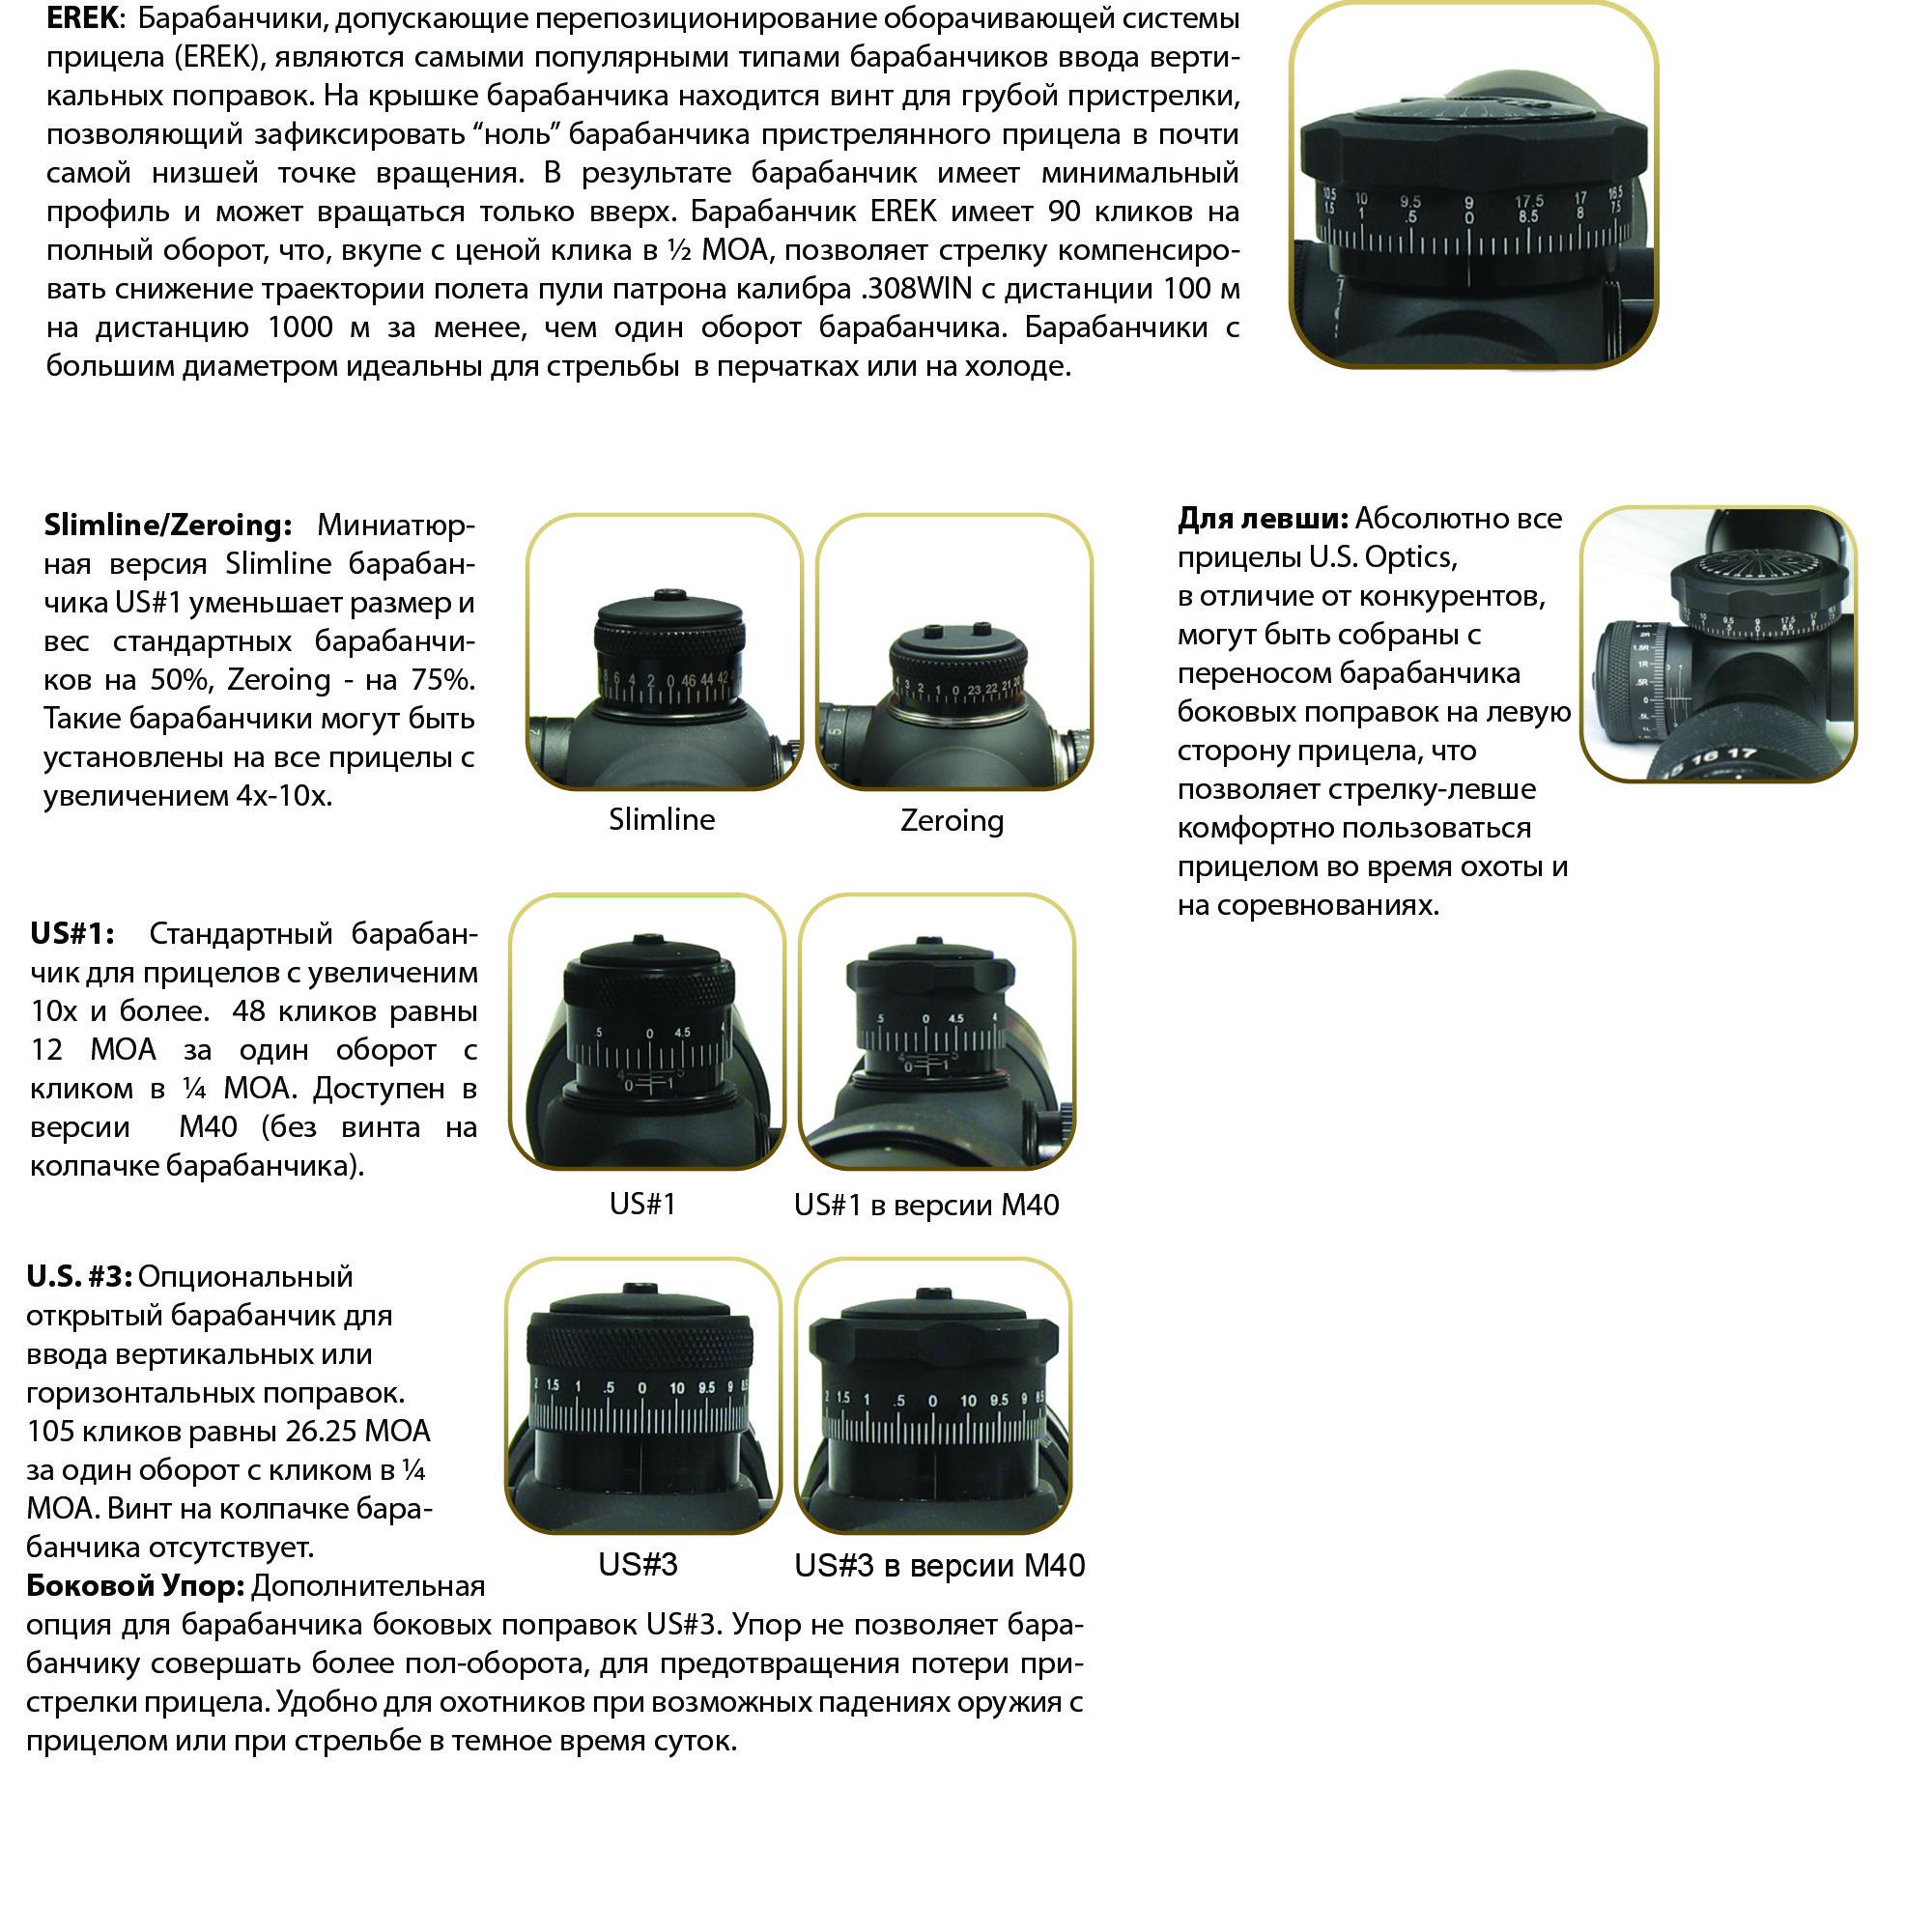 Барабанчики U.S. Optics